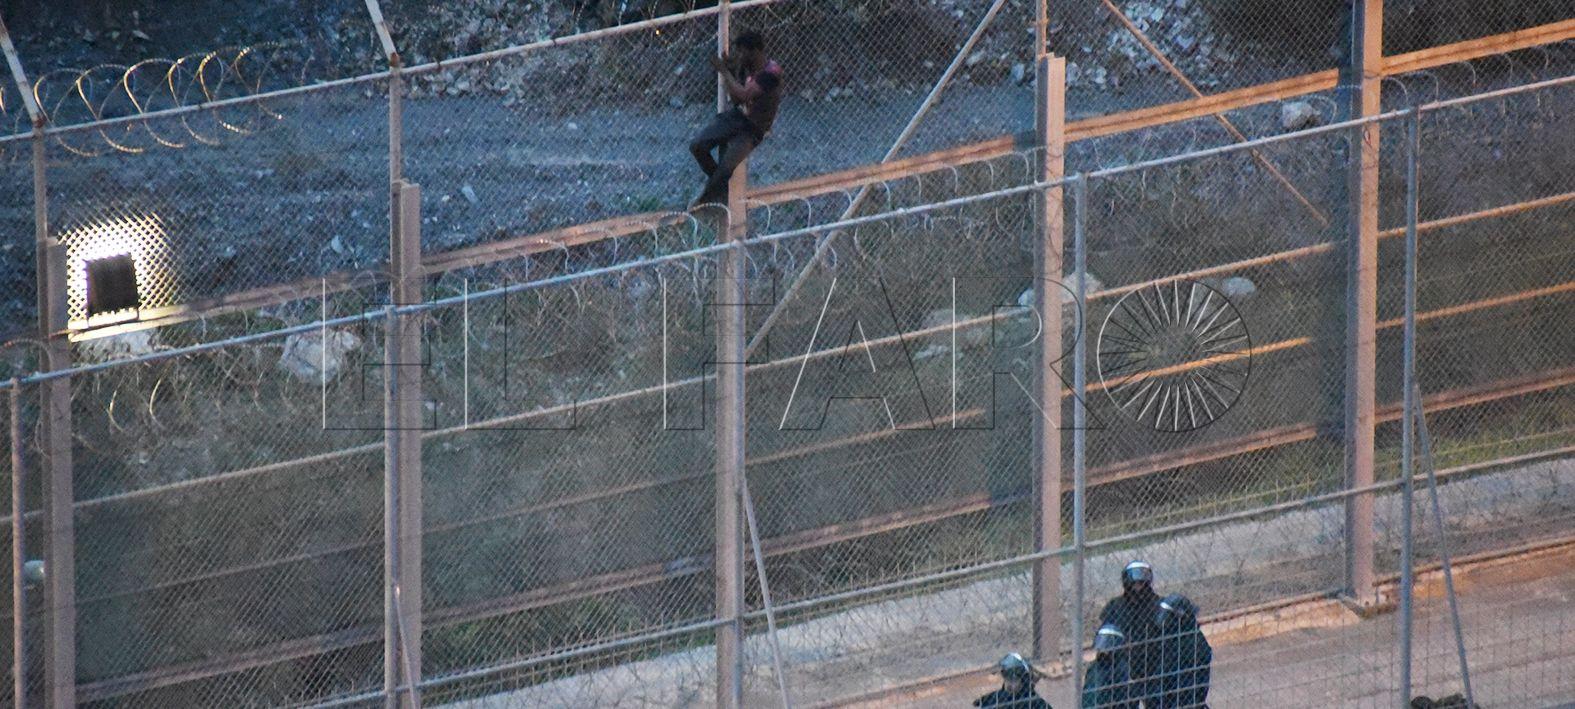 Diez migrantes, condenados en Tetuán a 2 meses de cárcel por intentar entrar en Ceuta